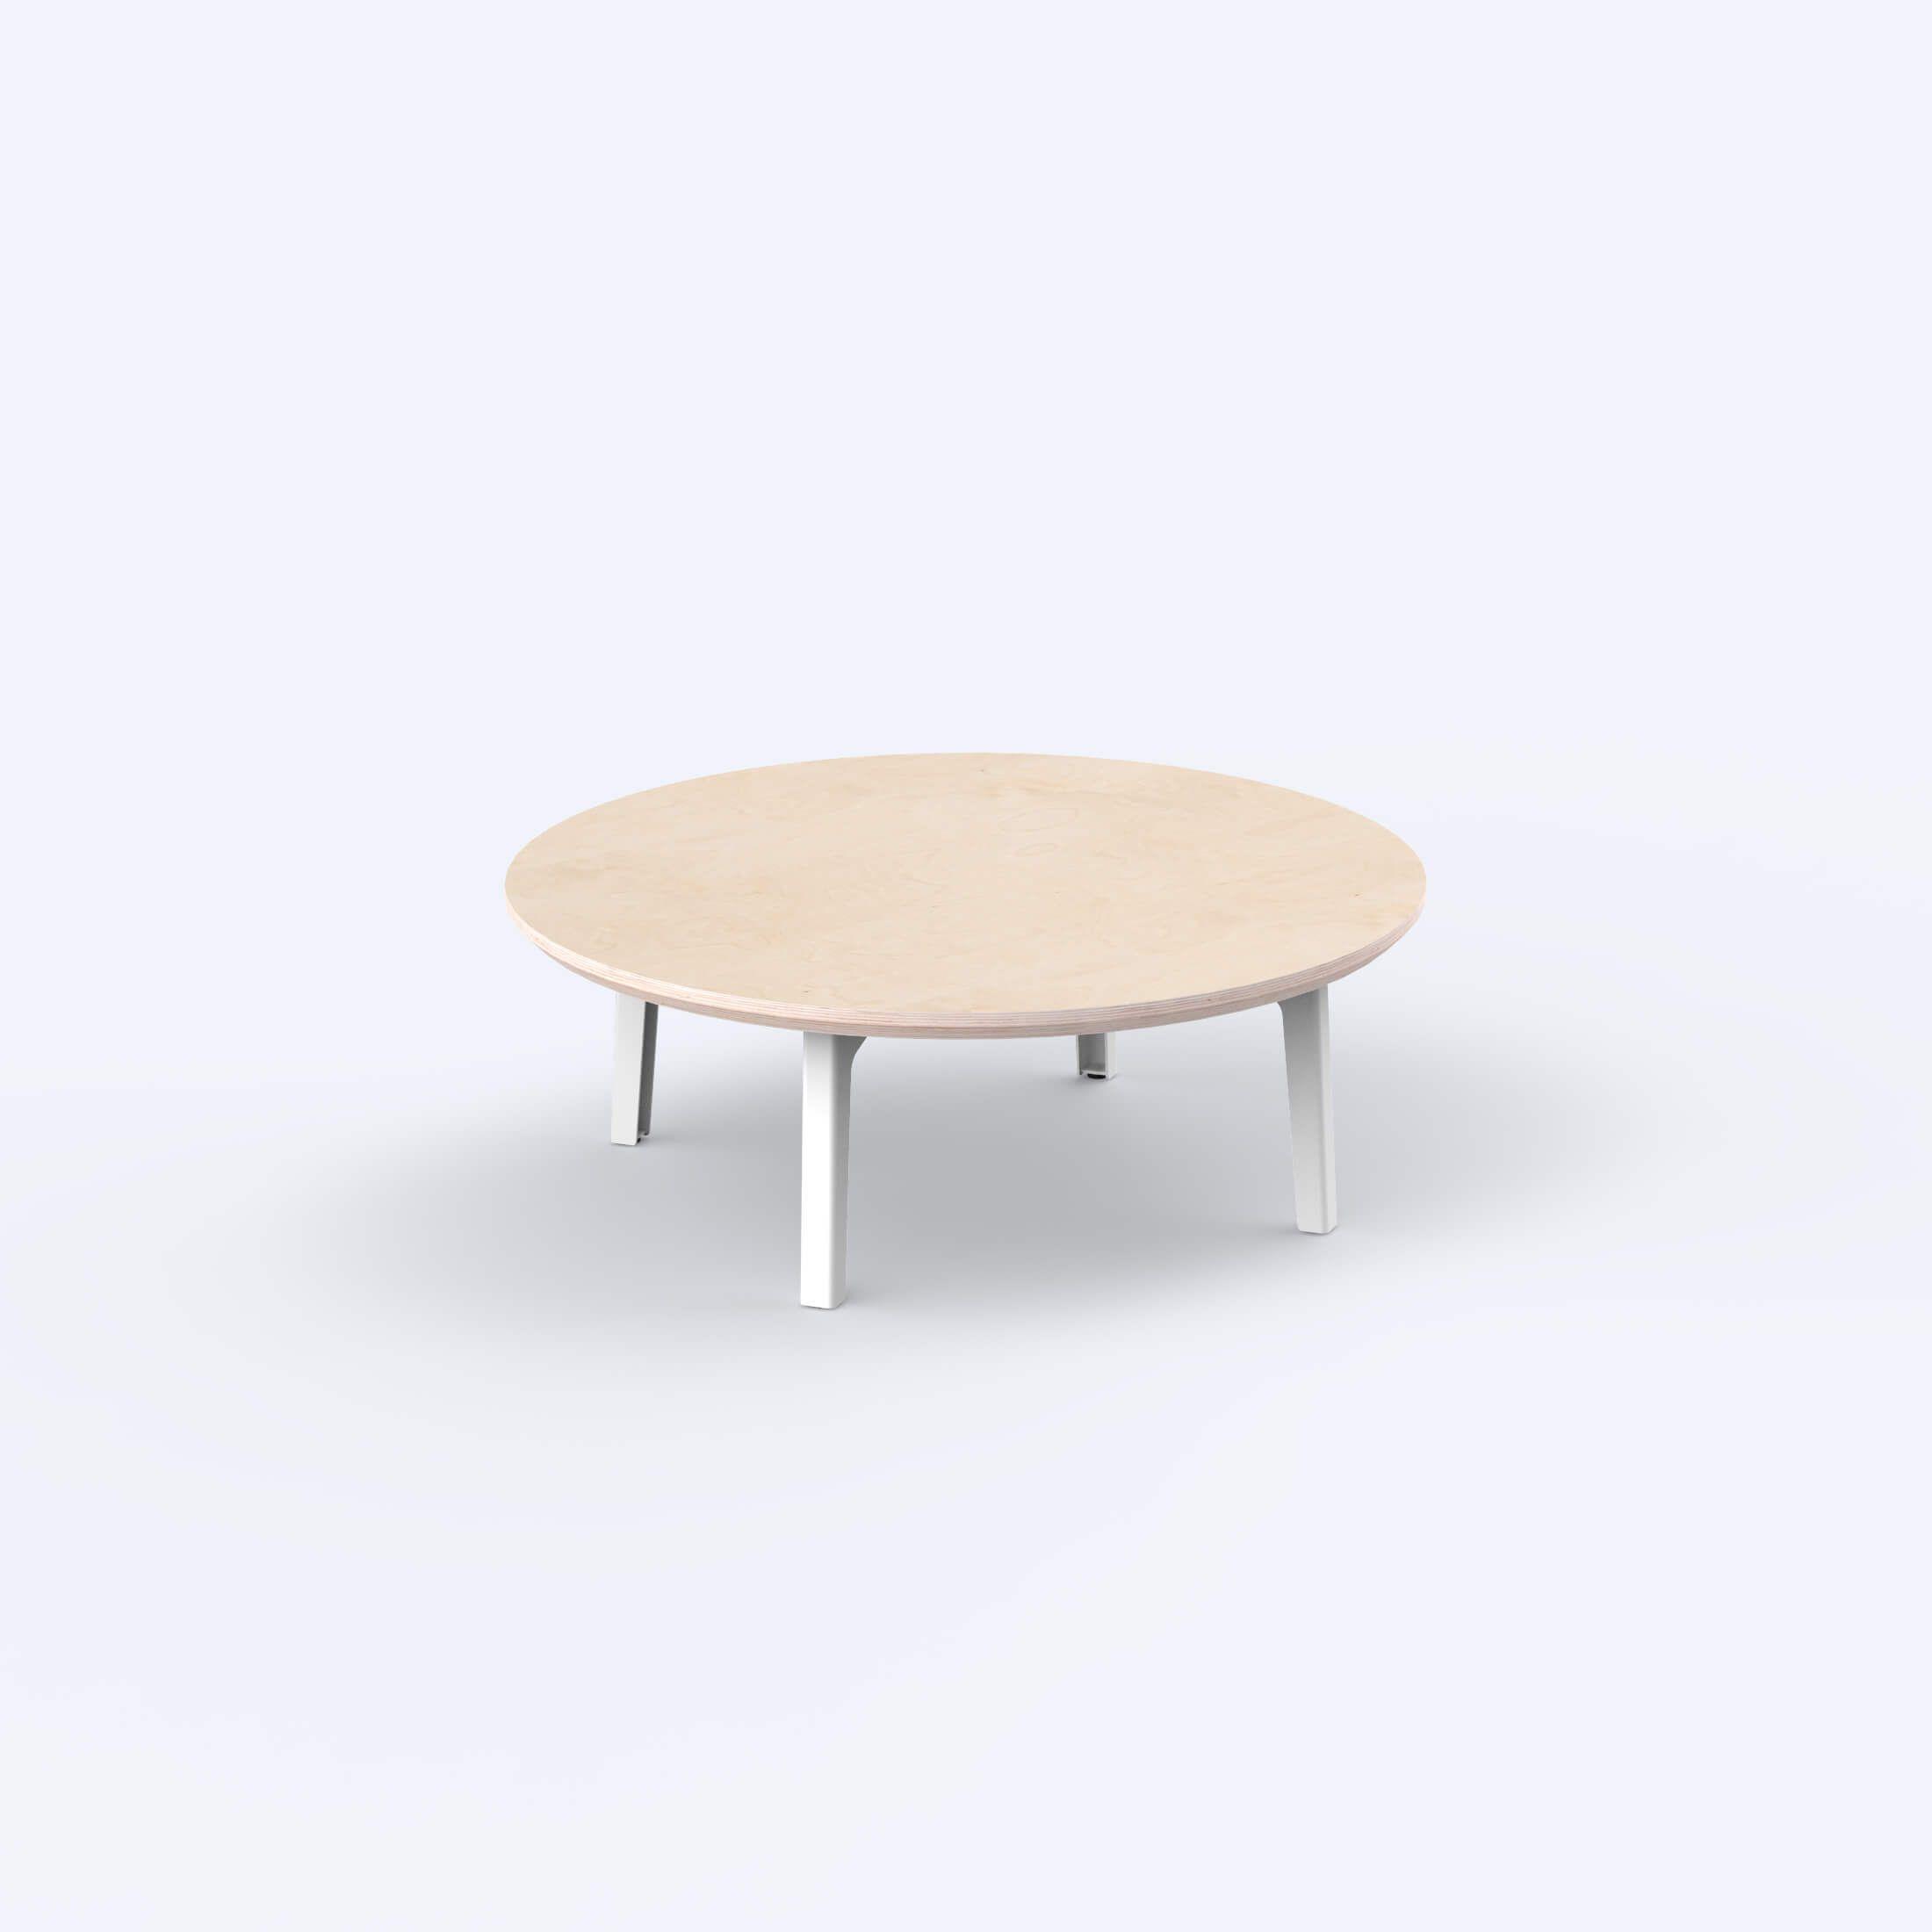 The Coffee Table Coffee Table Table Coffee Table Images [ 2200 x 2200 Pixel ]